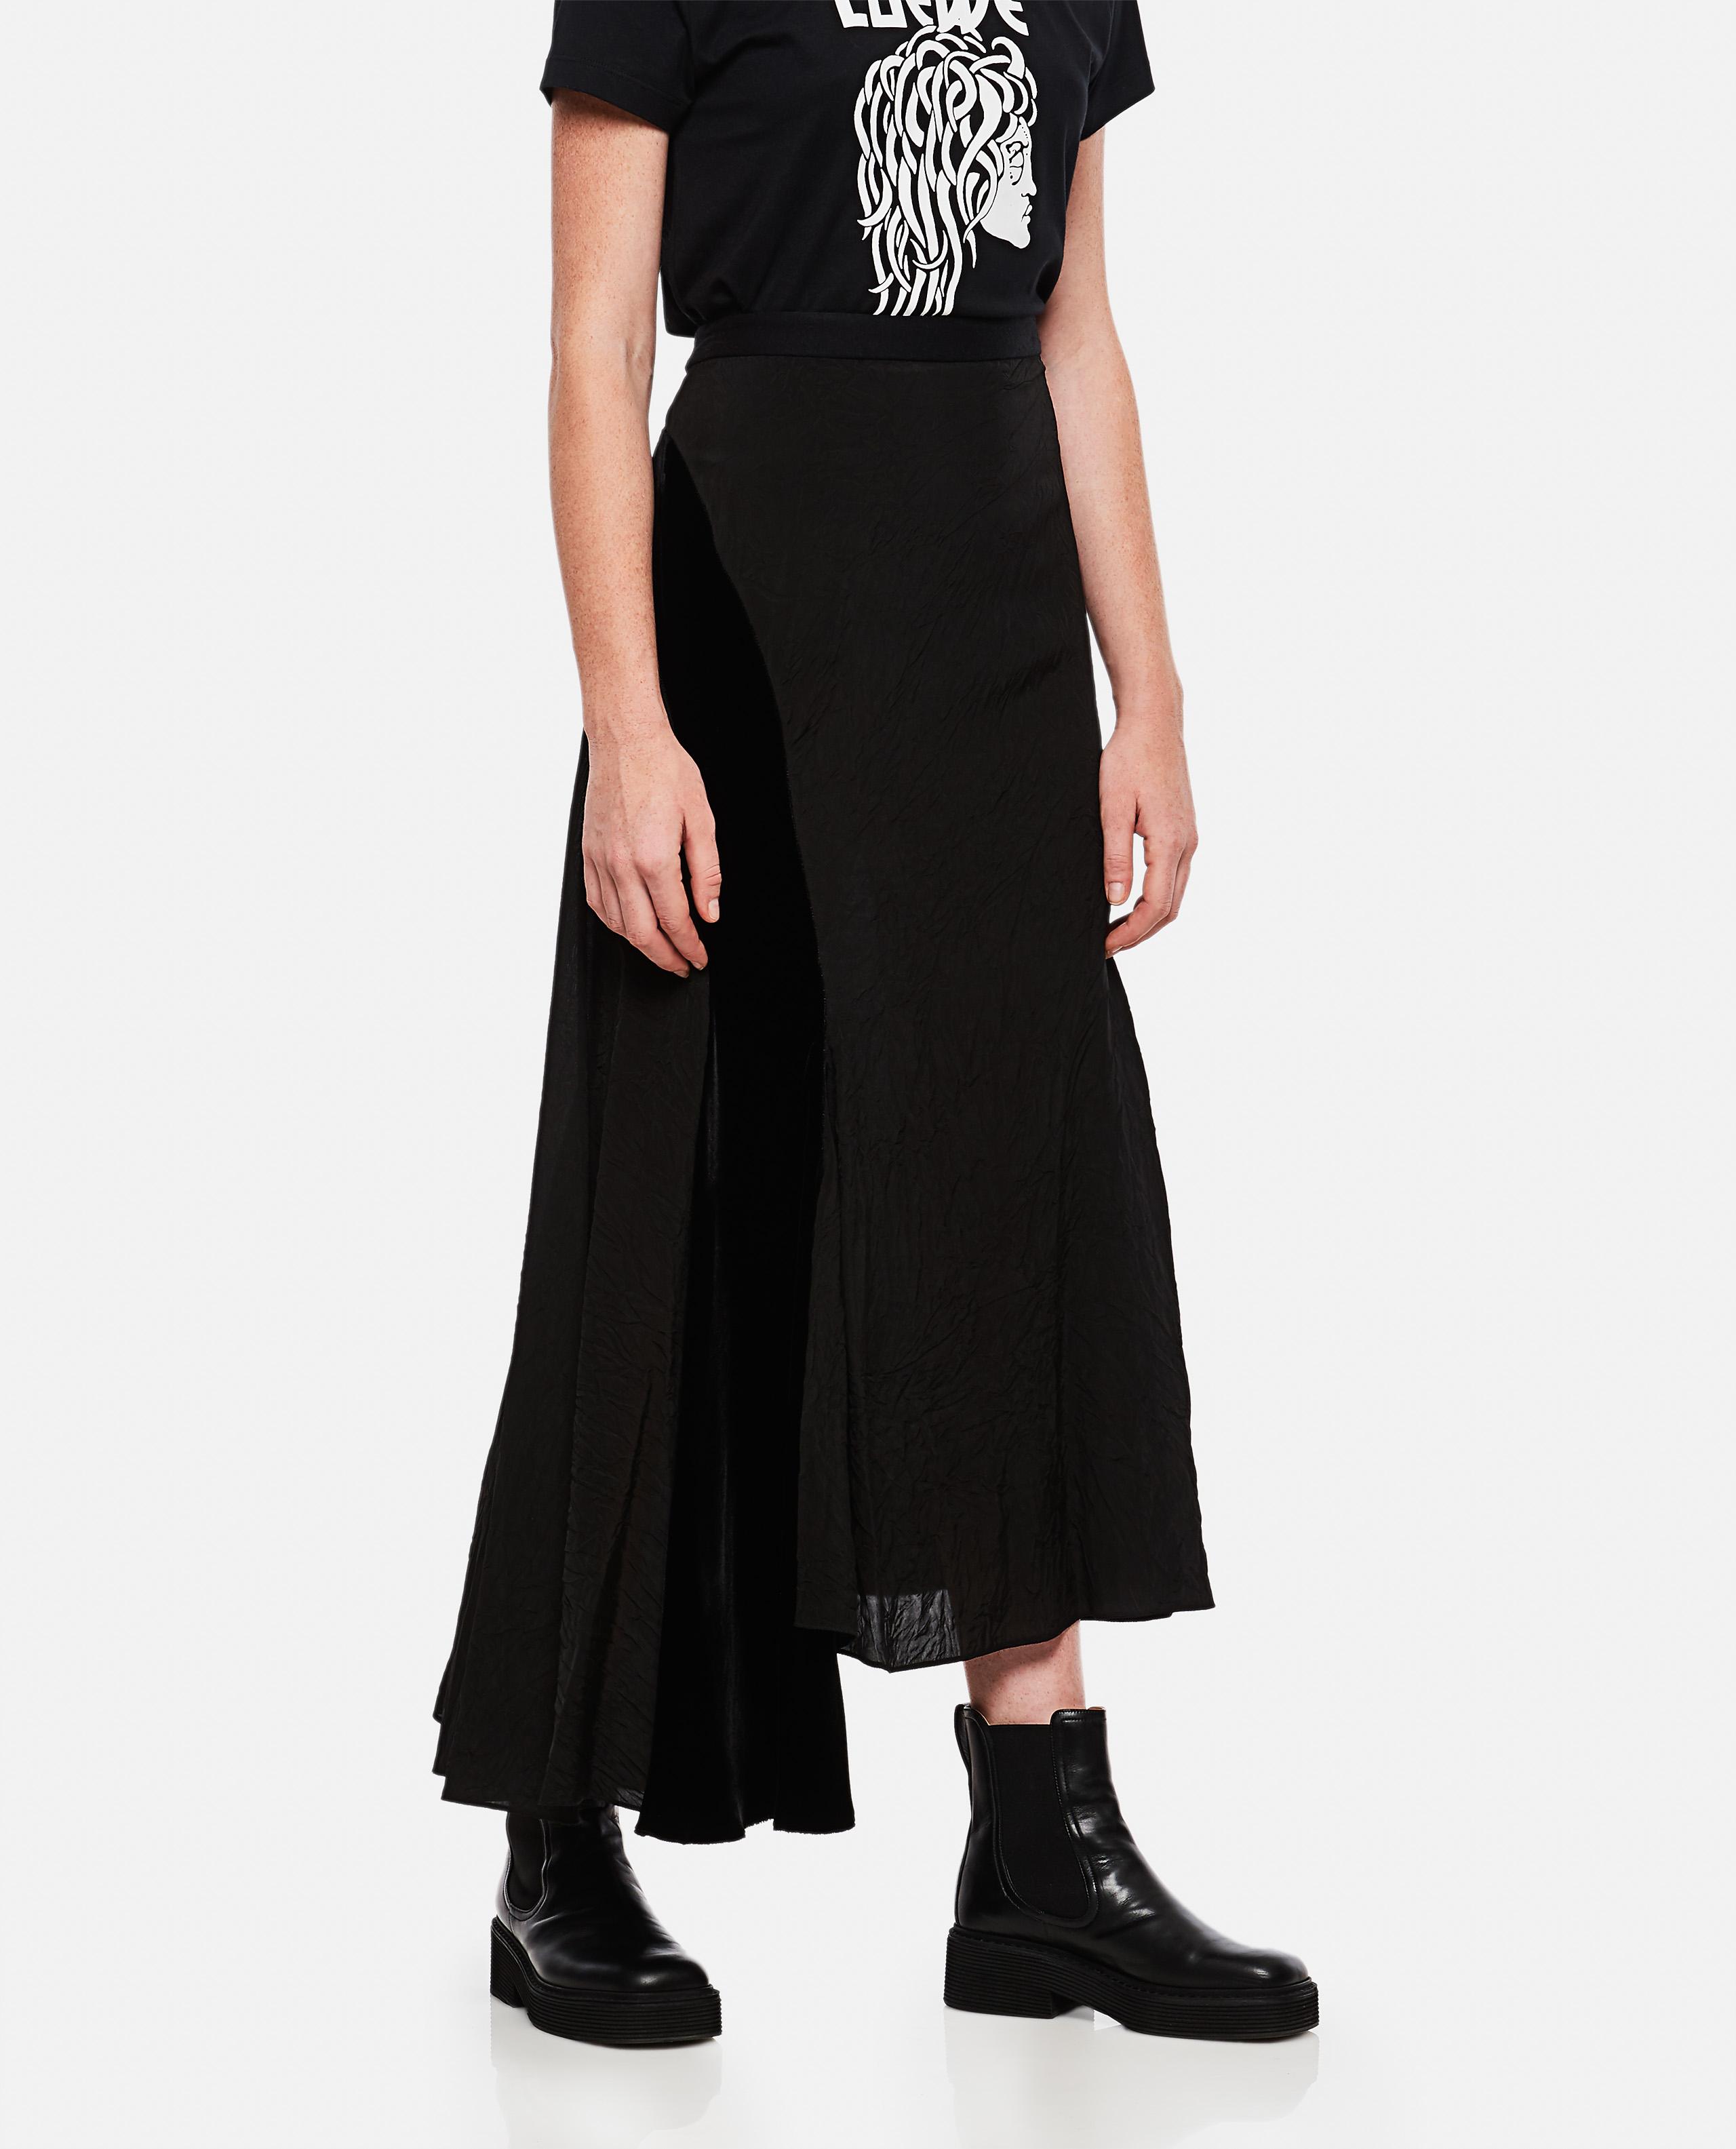 Long Asymmetrical Skirt